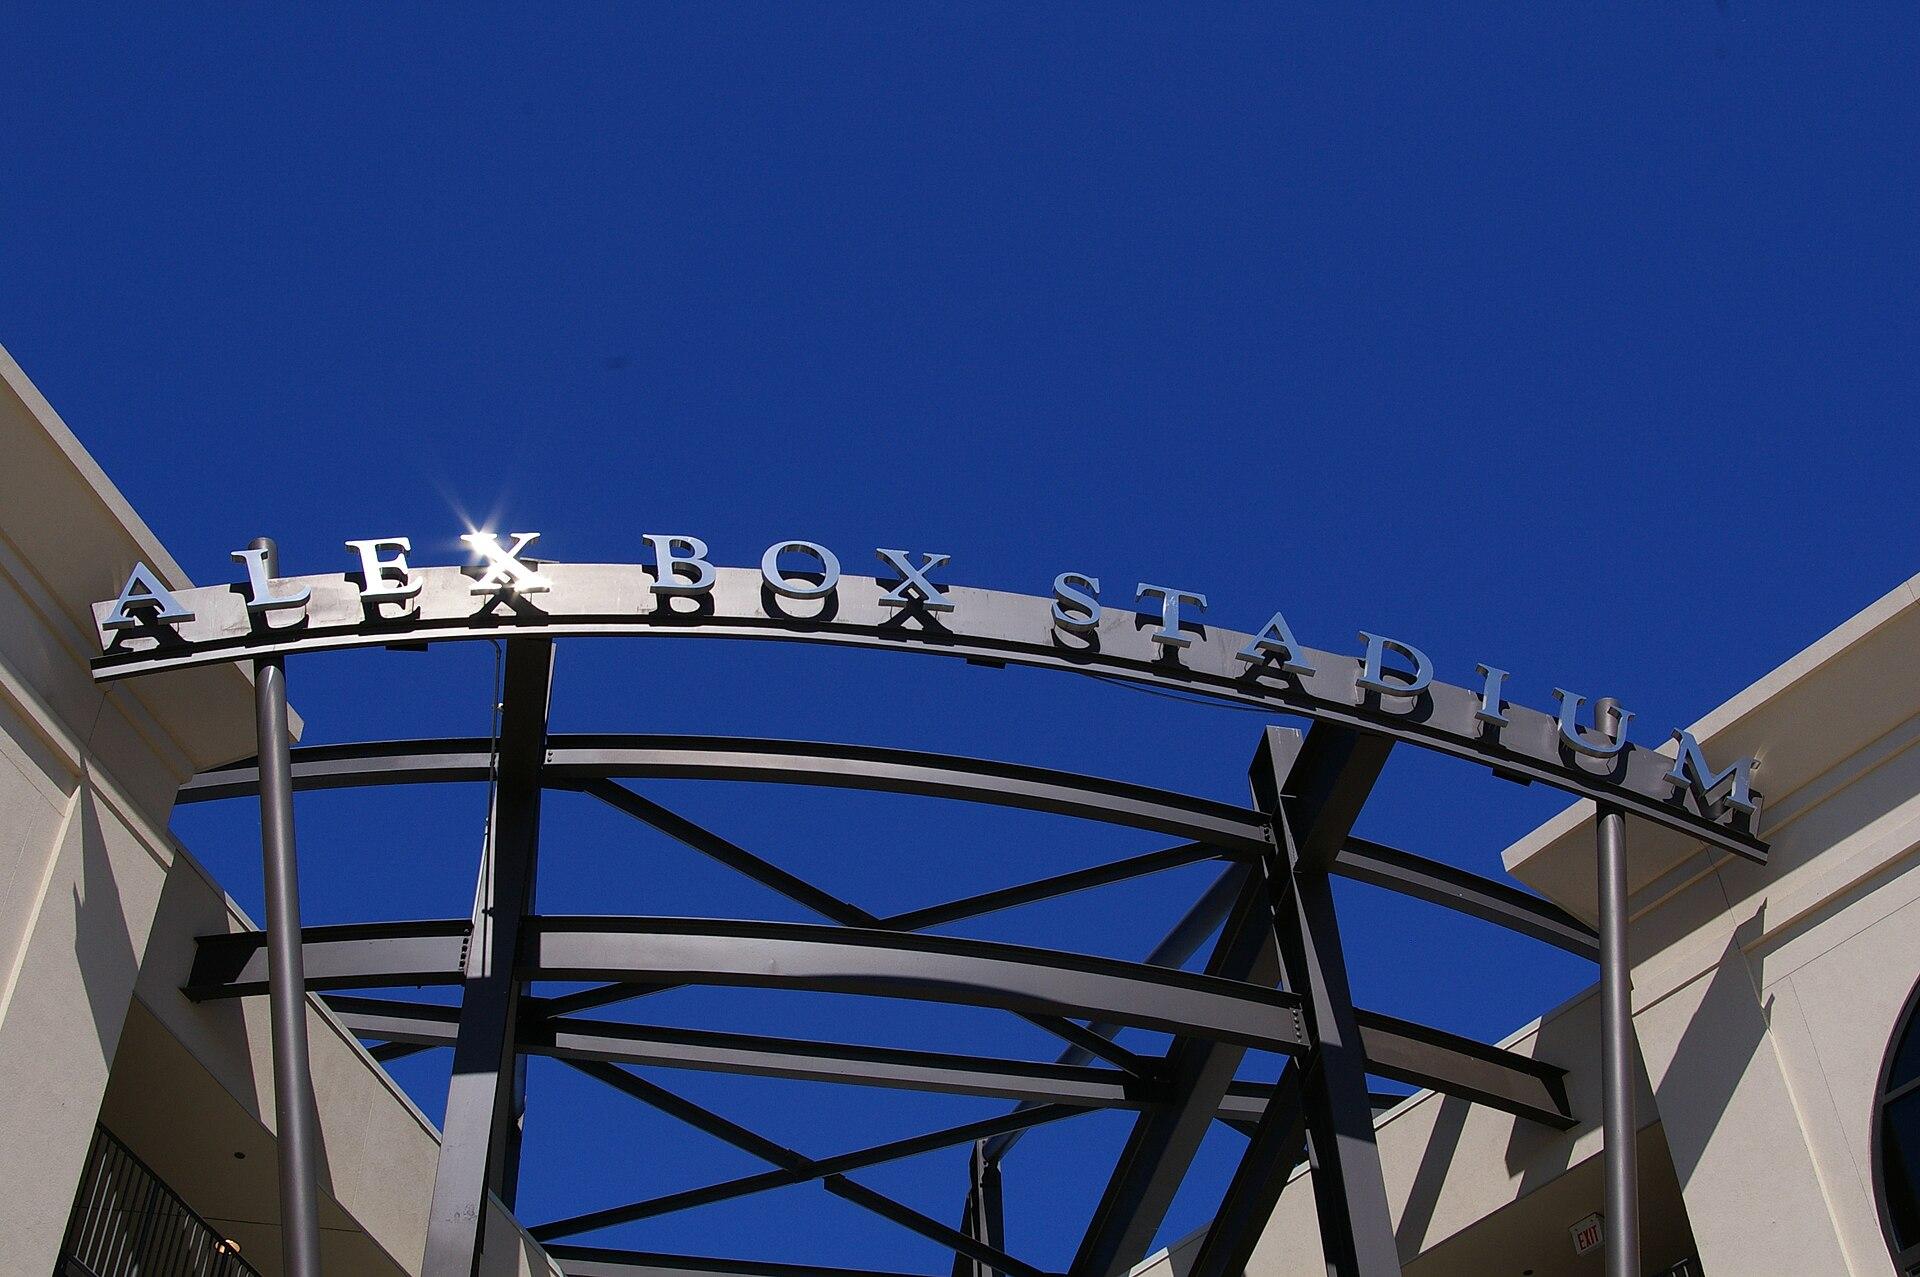 Alex Box Stadium Skip Bertman Field Wikipedia